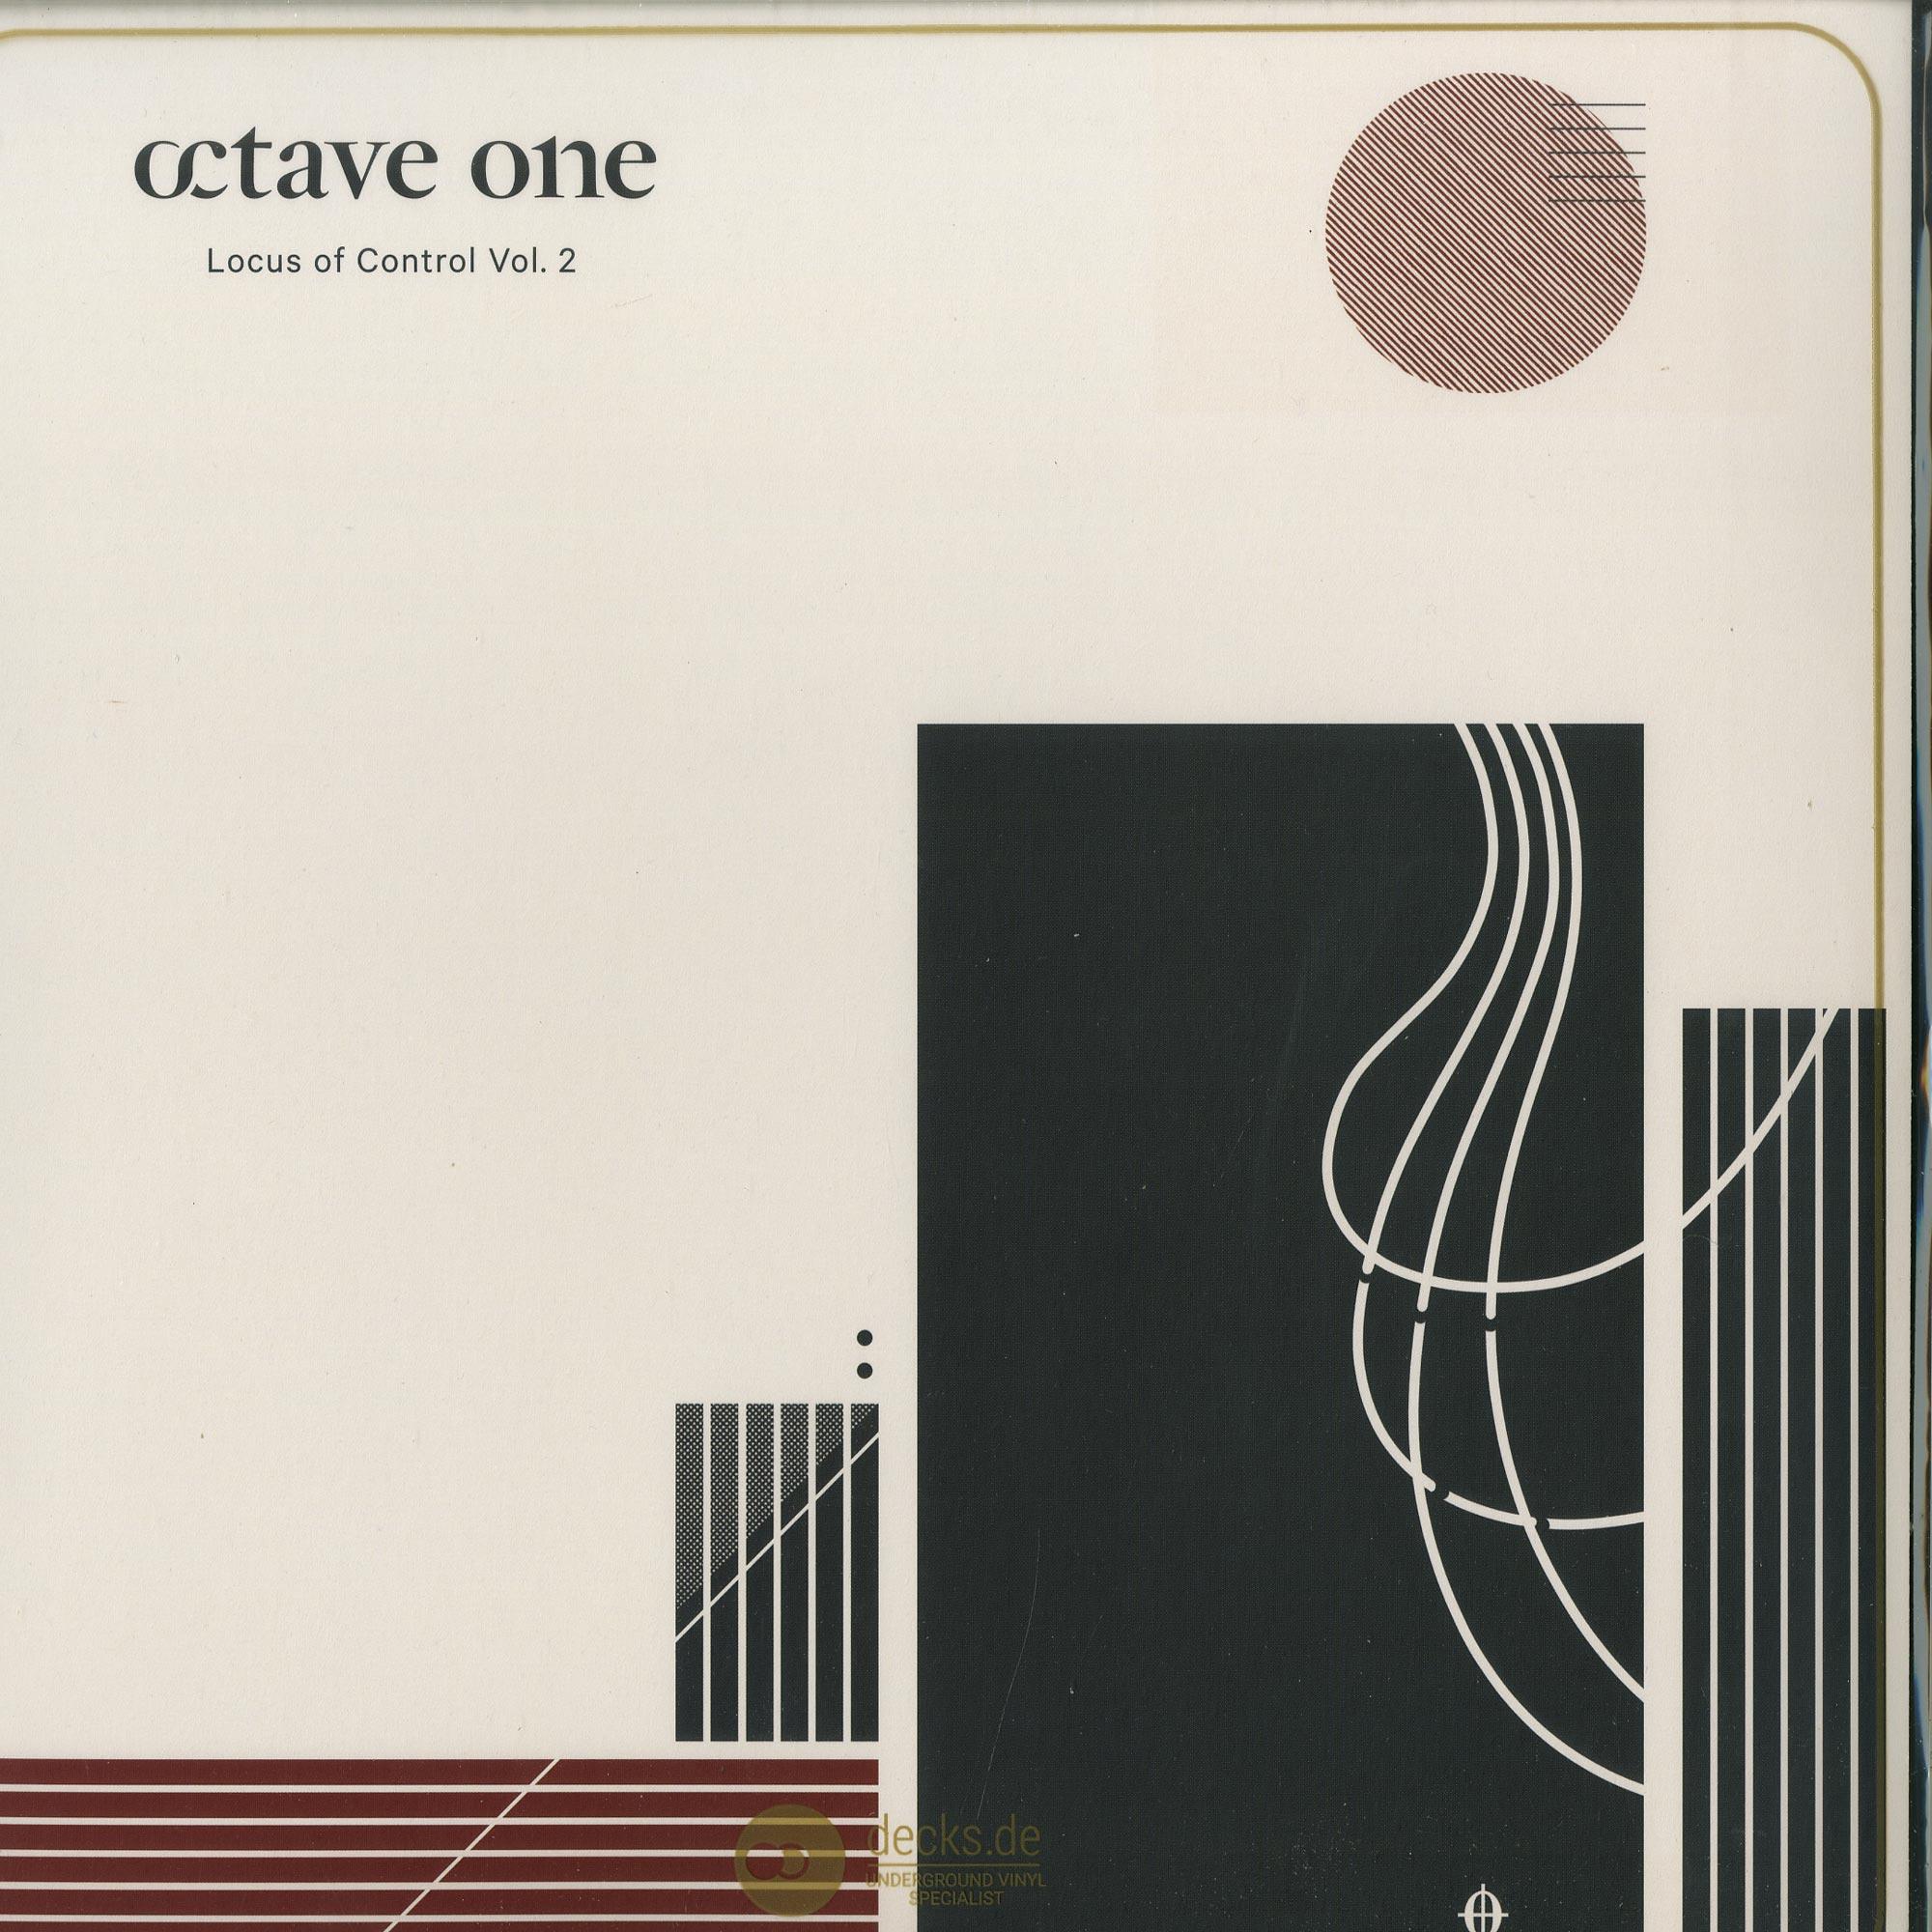 Octave One - LOCUS OF CONTROL VOL 2